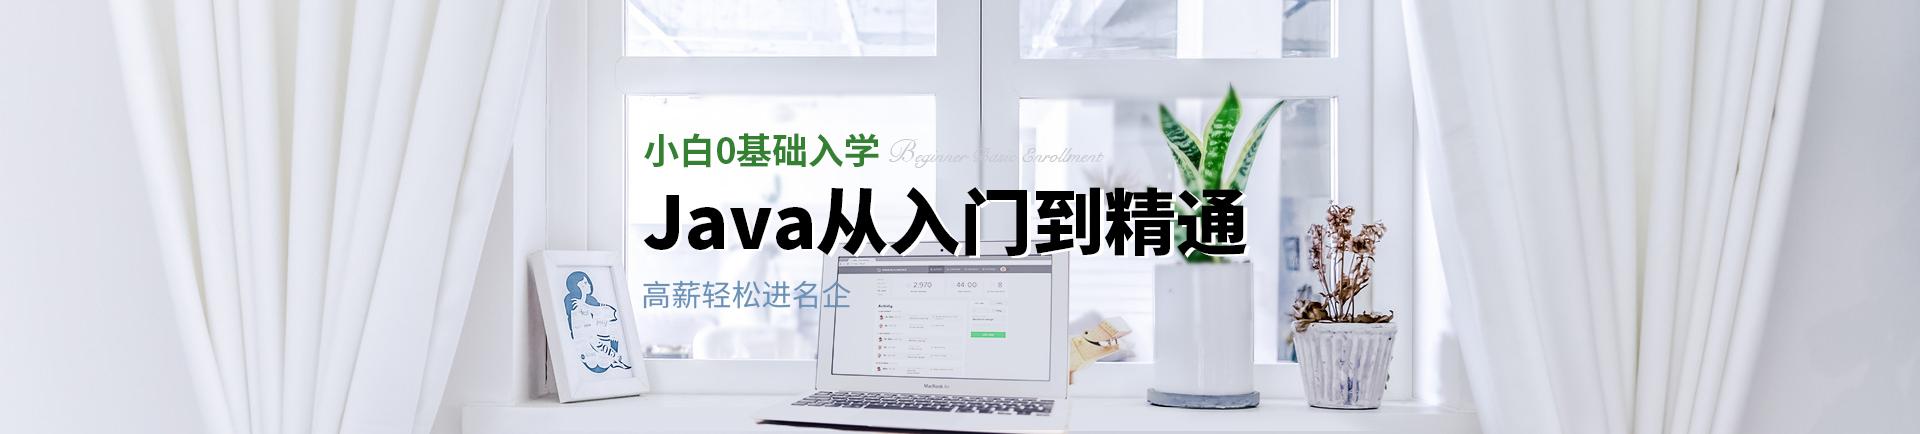 �白0基础入学 Java从入门到精通 高薪轻�进��-fuzhou